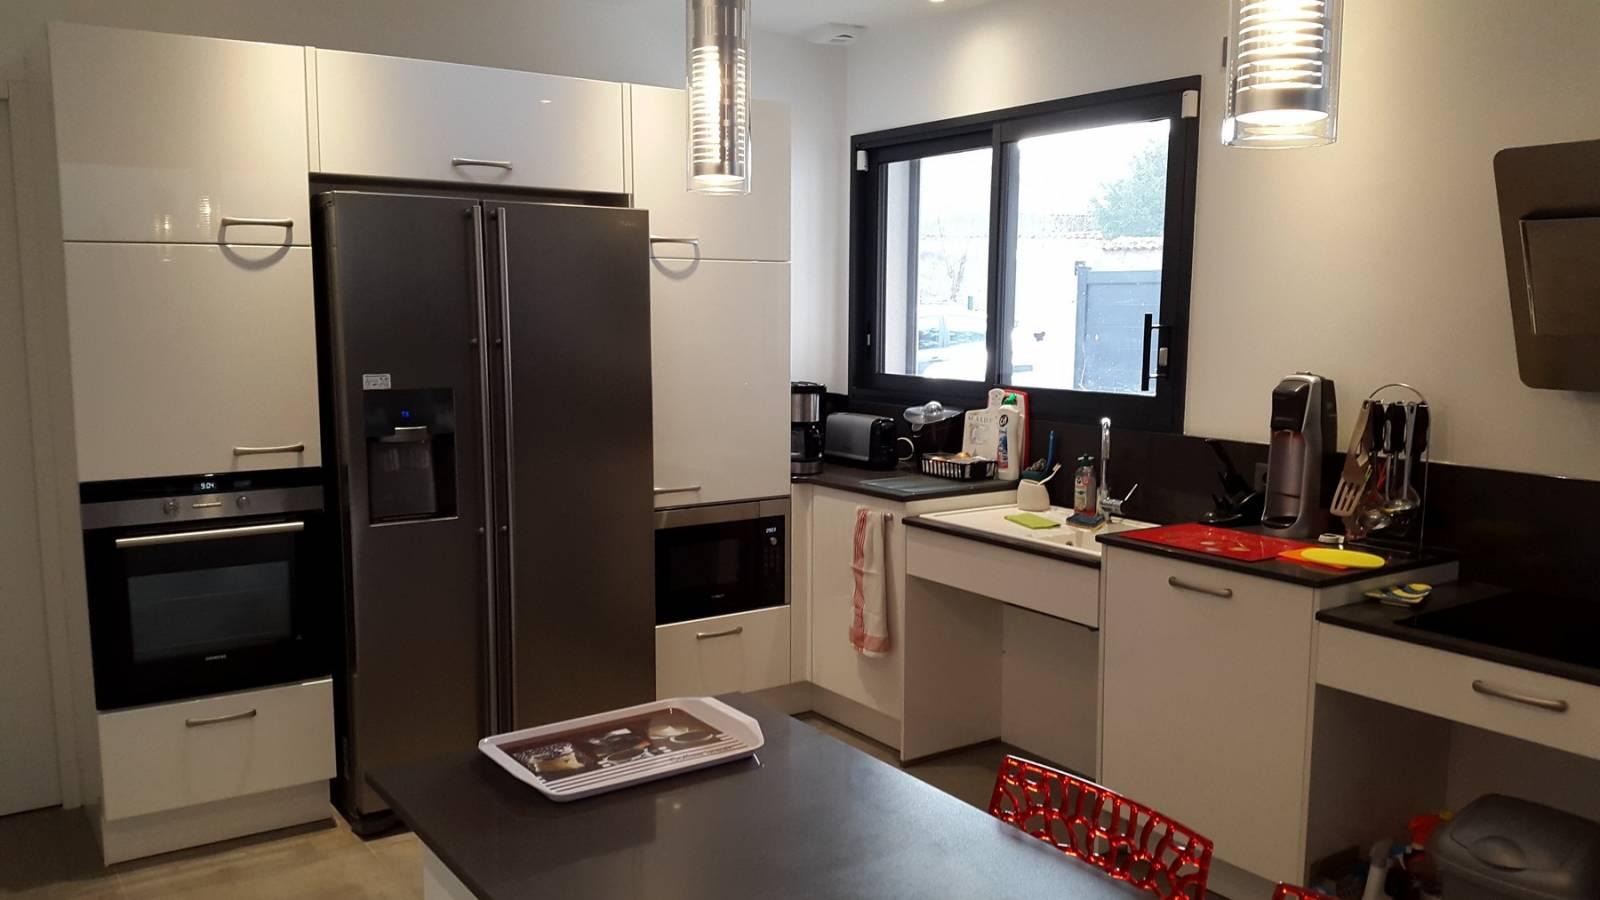 cuisine allemande r alis e pour une personne handicap e lyon adc cuisine. Black Bedroom Furniture Sets. Home Design Ideas